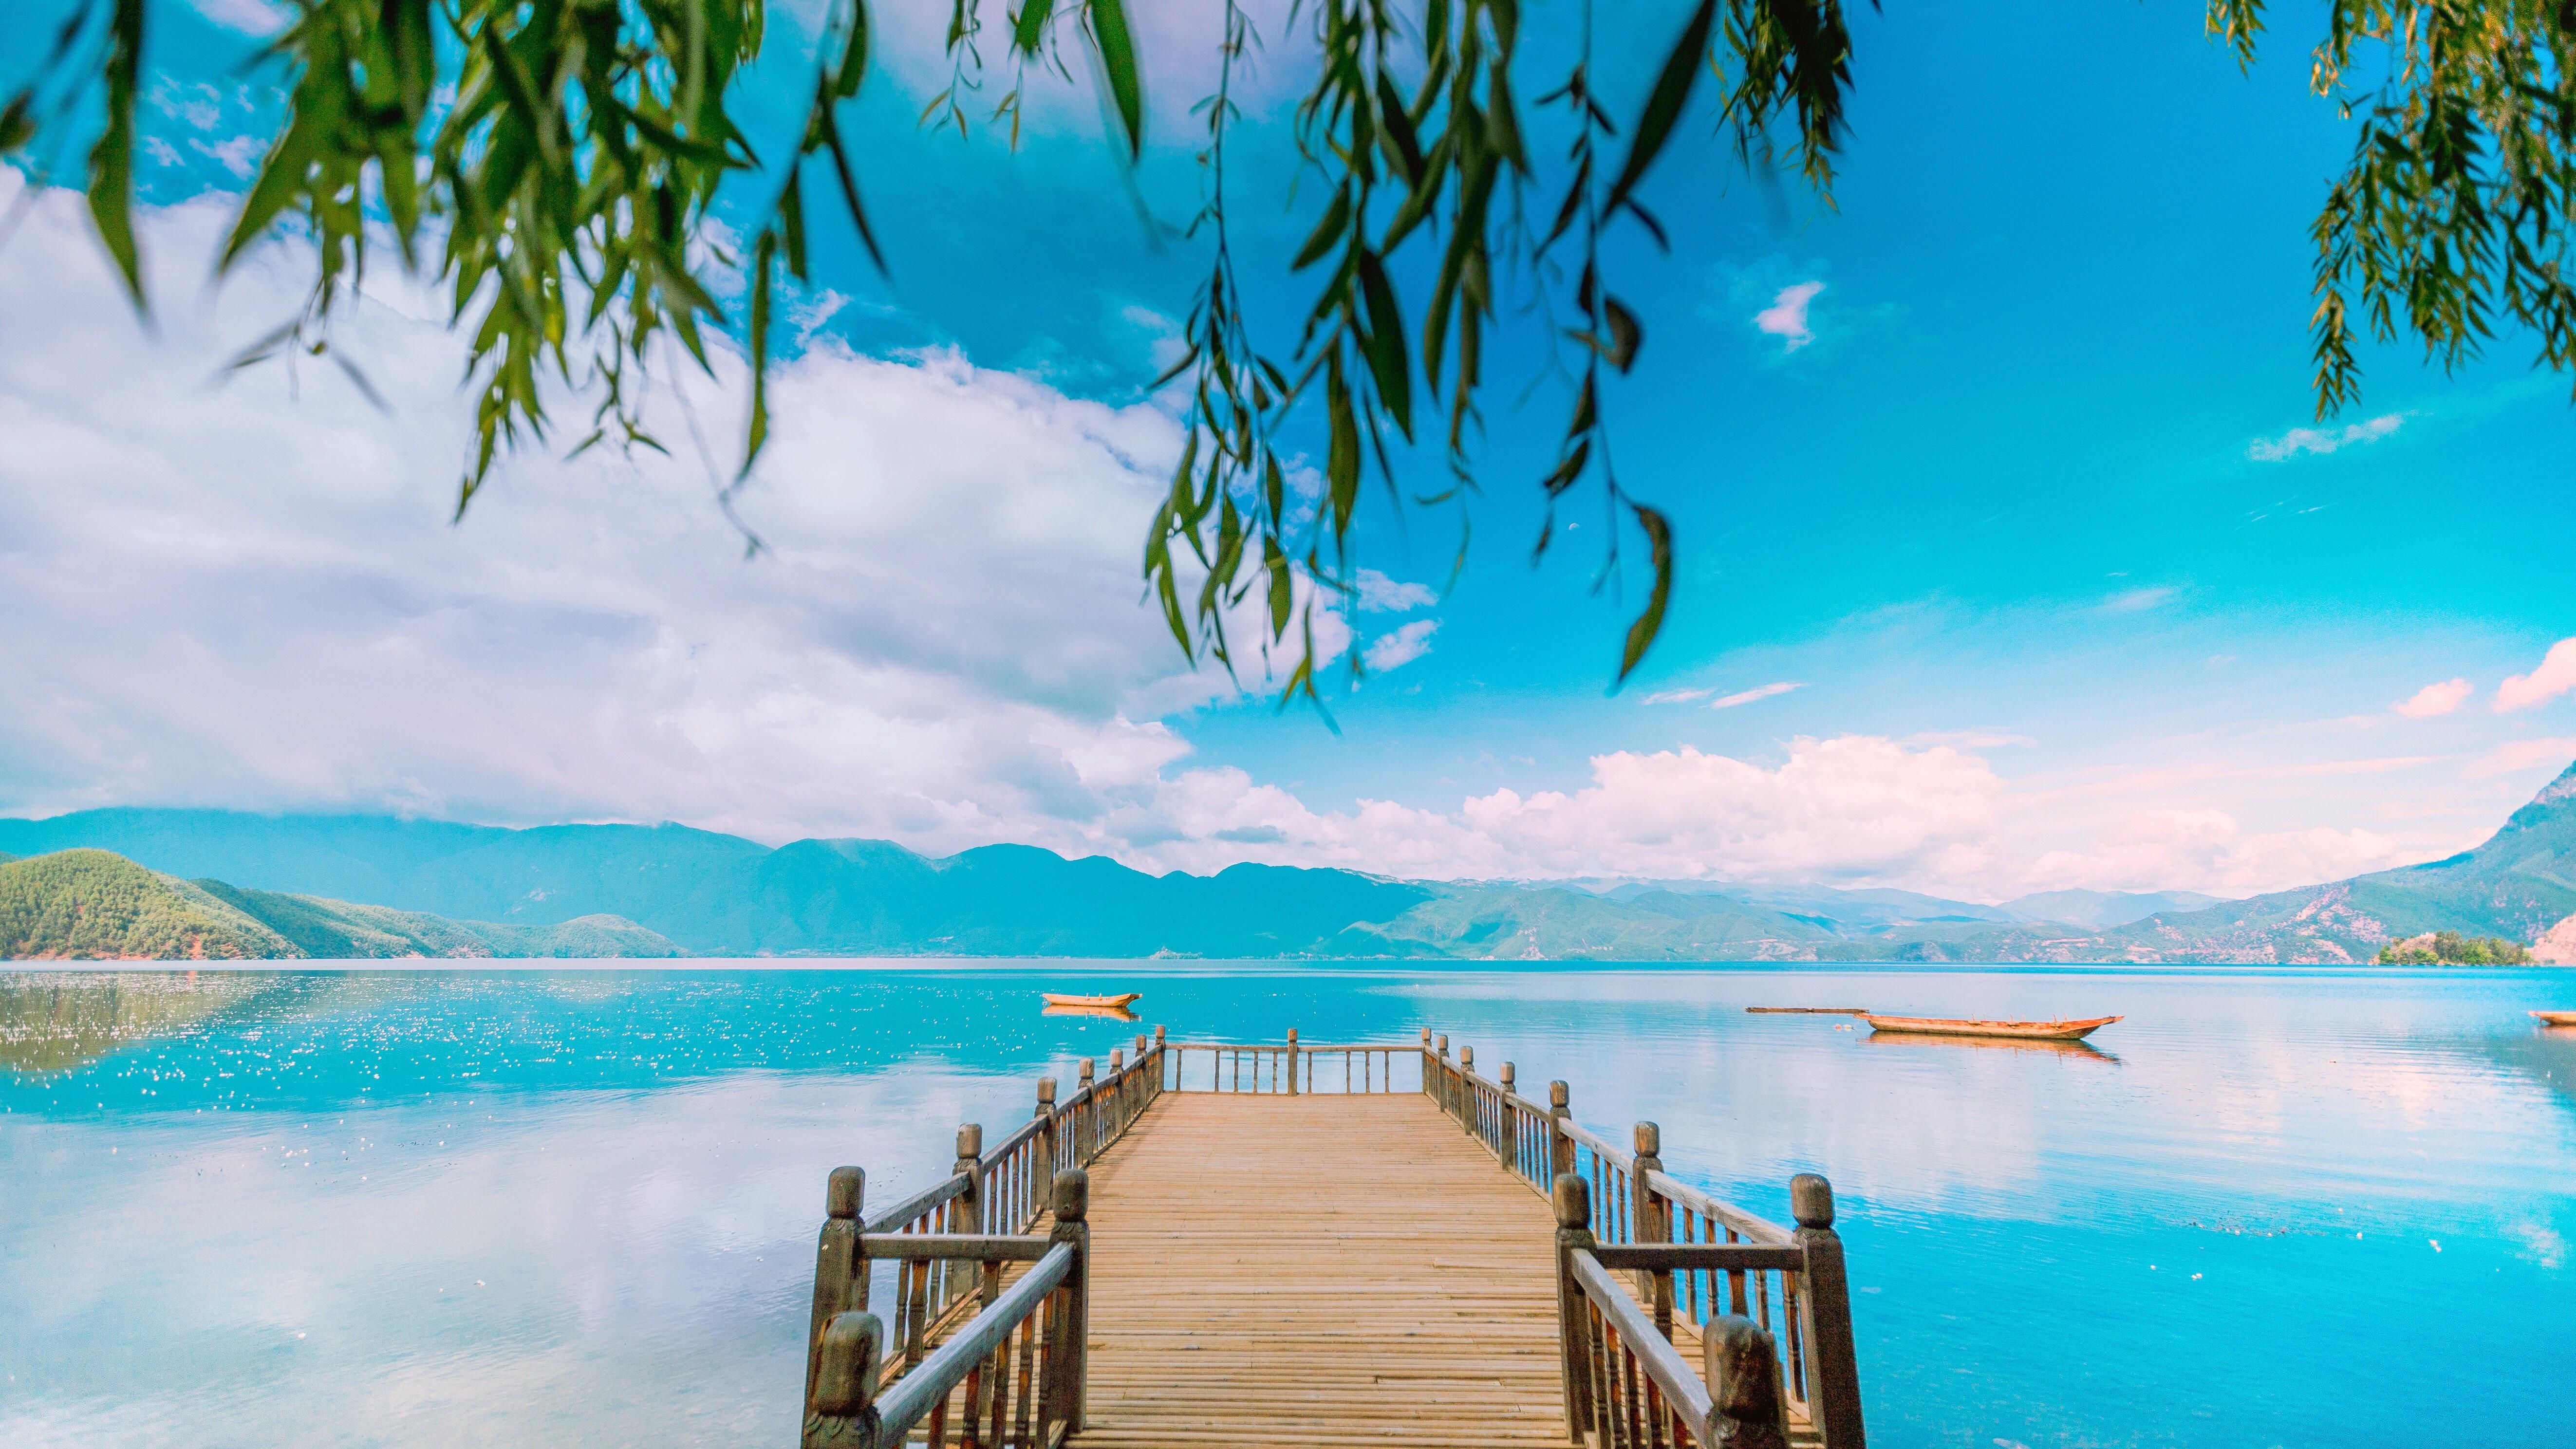 Luowa Dock